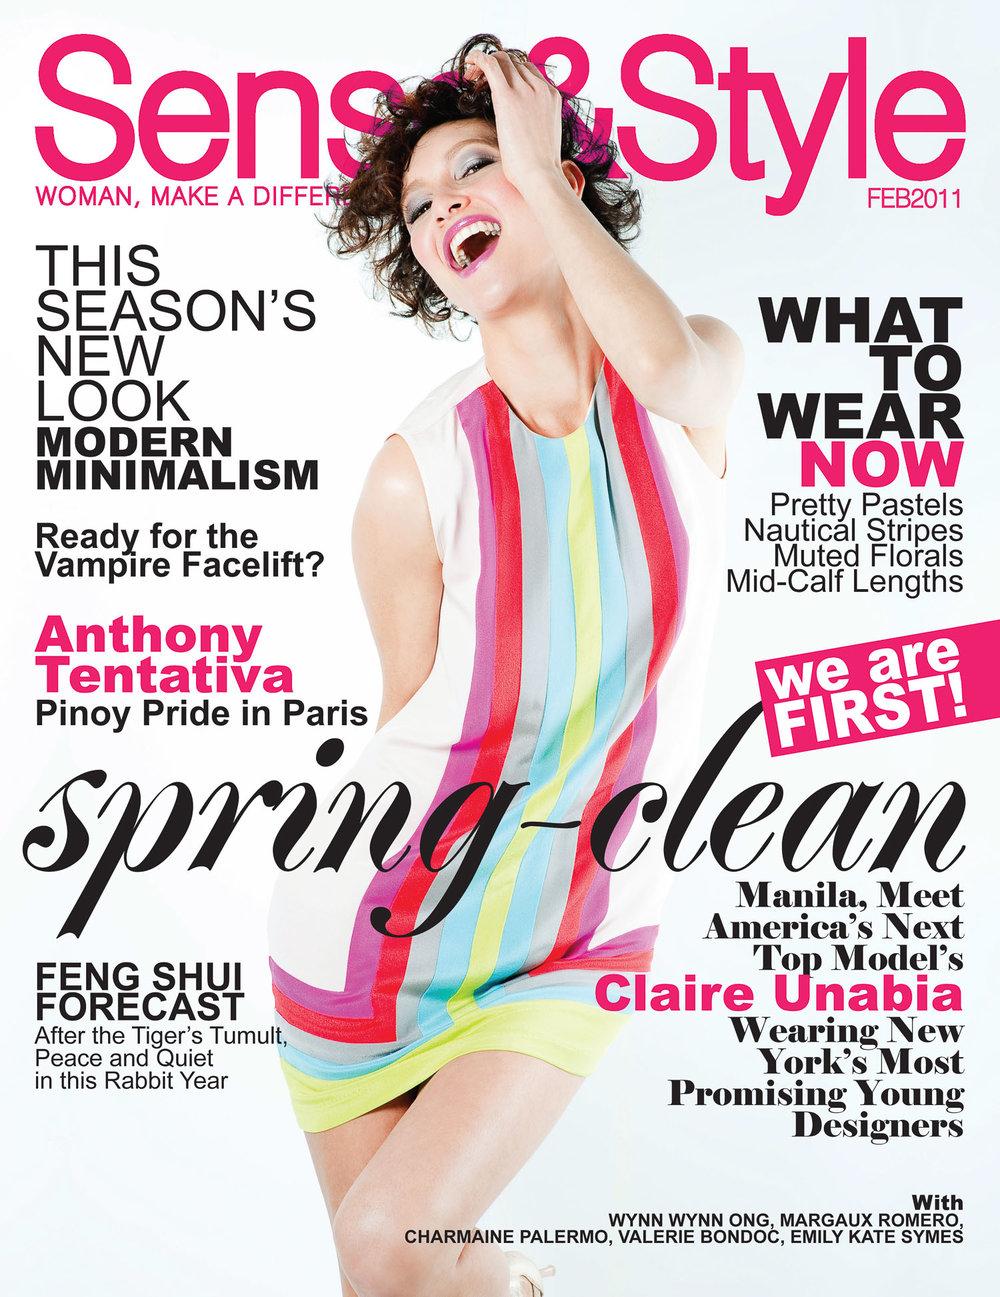 FEB2011 COVER.jpg